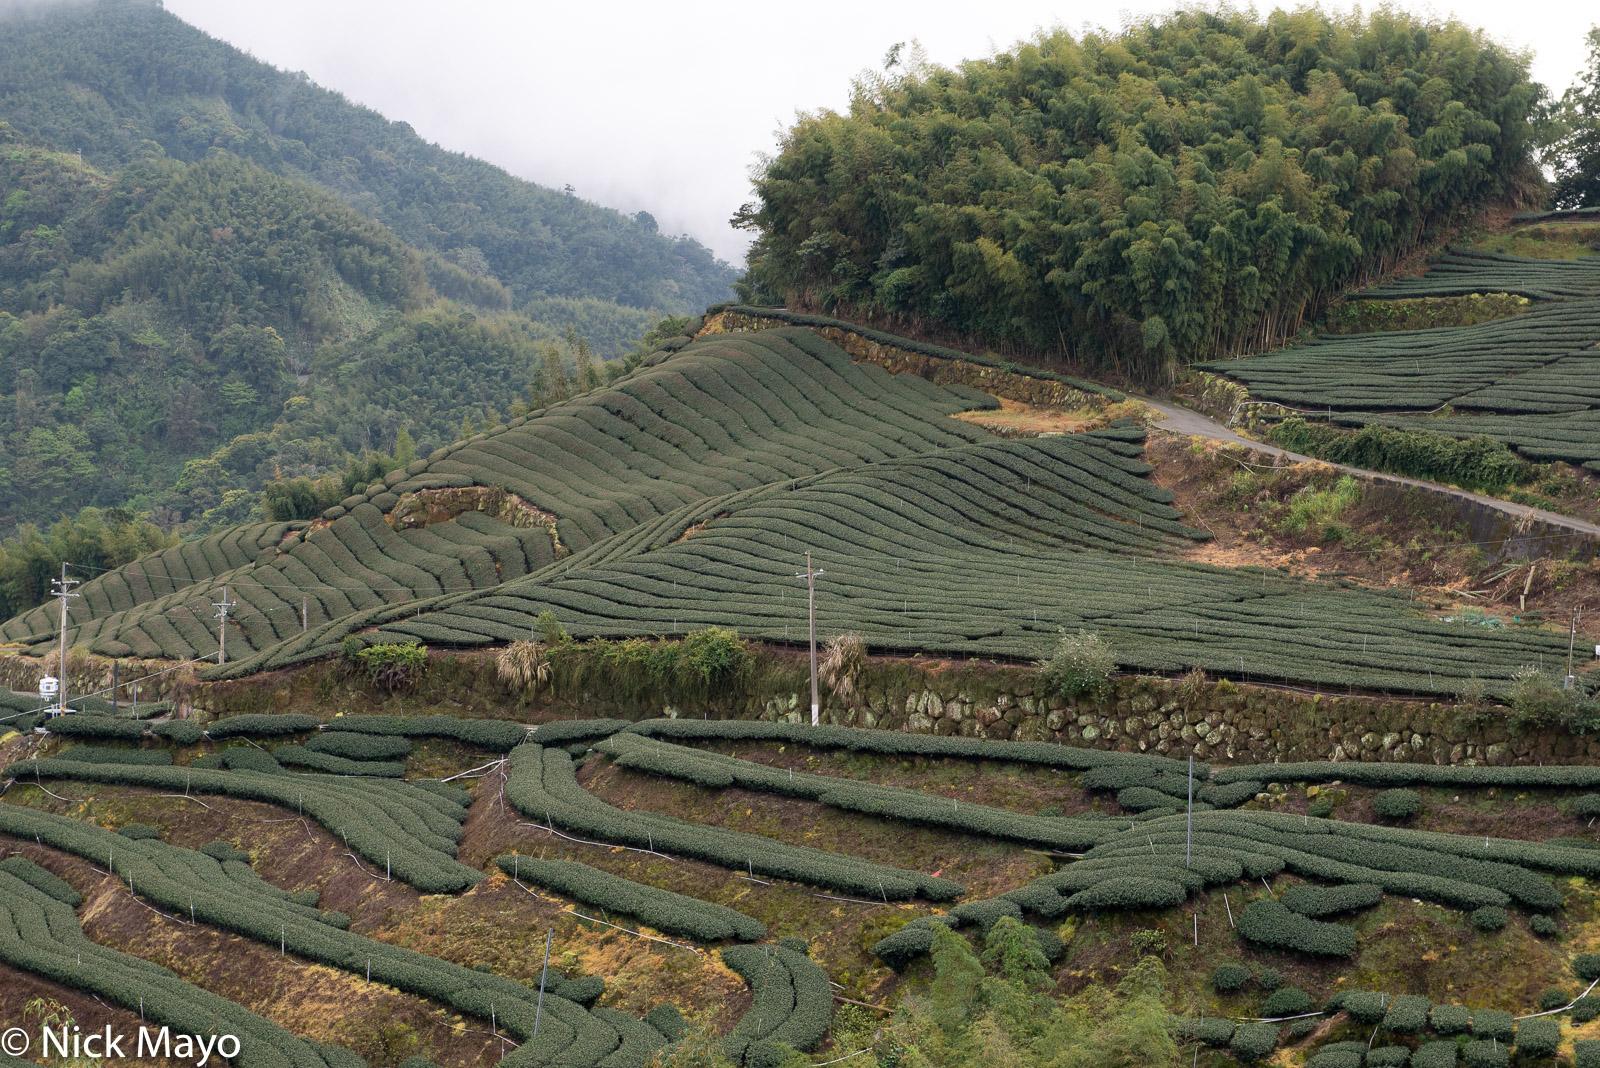 Tea fields below a bamboo copse at Pan Zai Tian in Yunlin County.